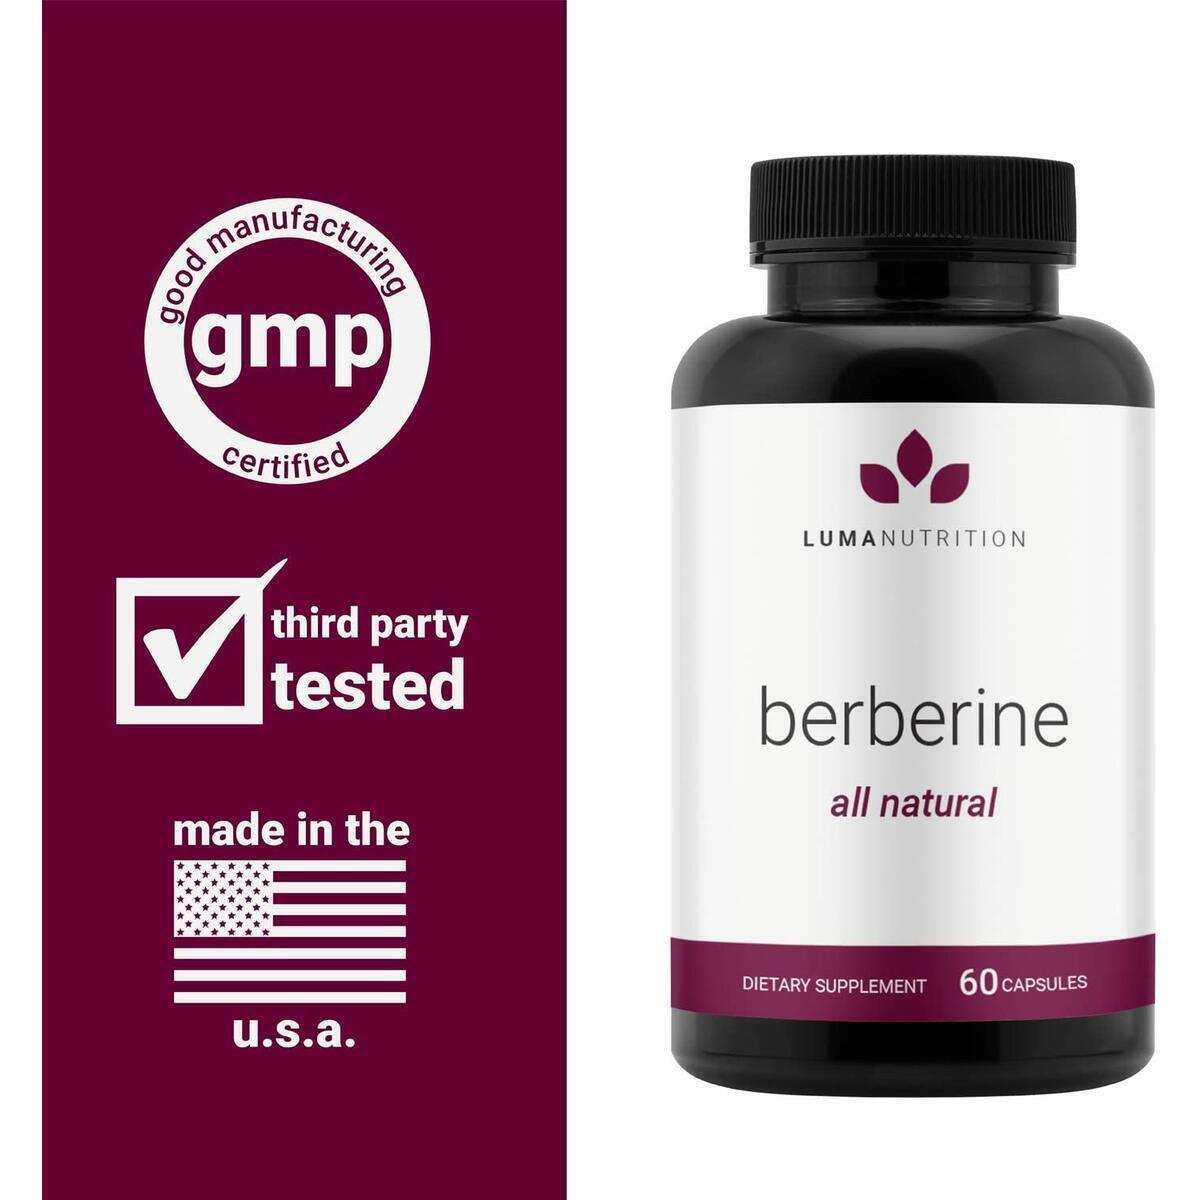 Berberine Supplement - Berberine 1200mg Per Serving - Berberine HCI